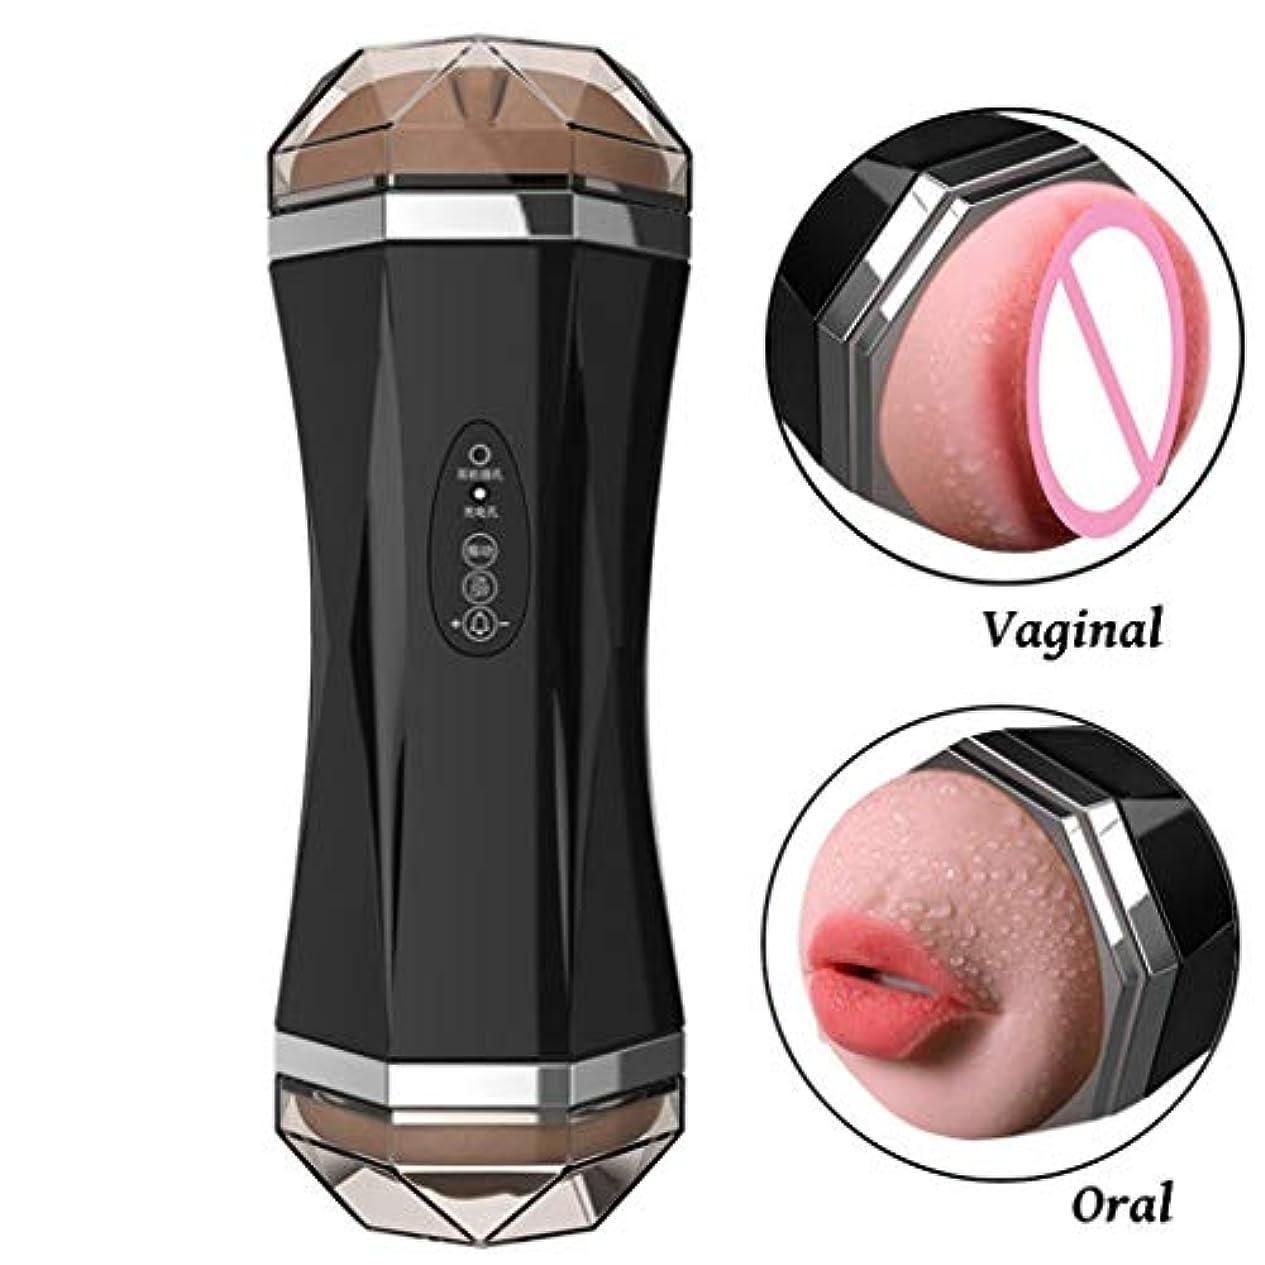 エスカレーター魅力木材Dual Channel Masturbation Cup メンズマッサージ、USB充電現実的な3Dソフトチャンネル、Oral Vibratin 男性用エクササイズ